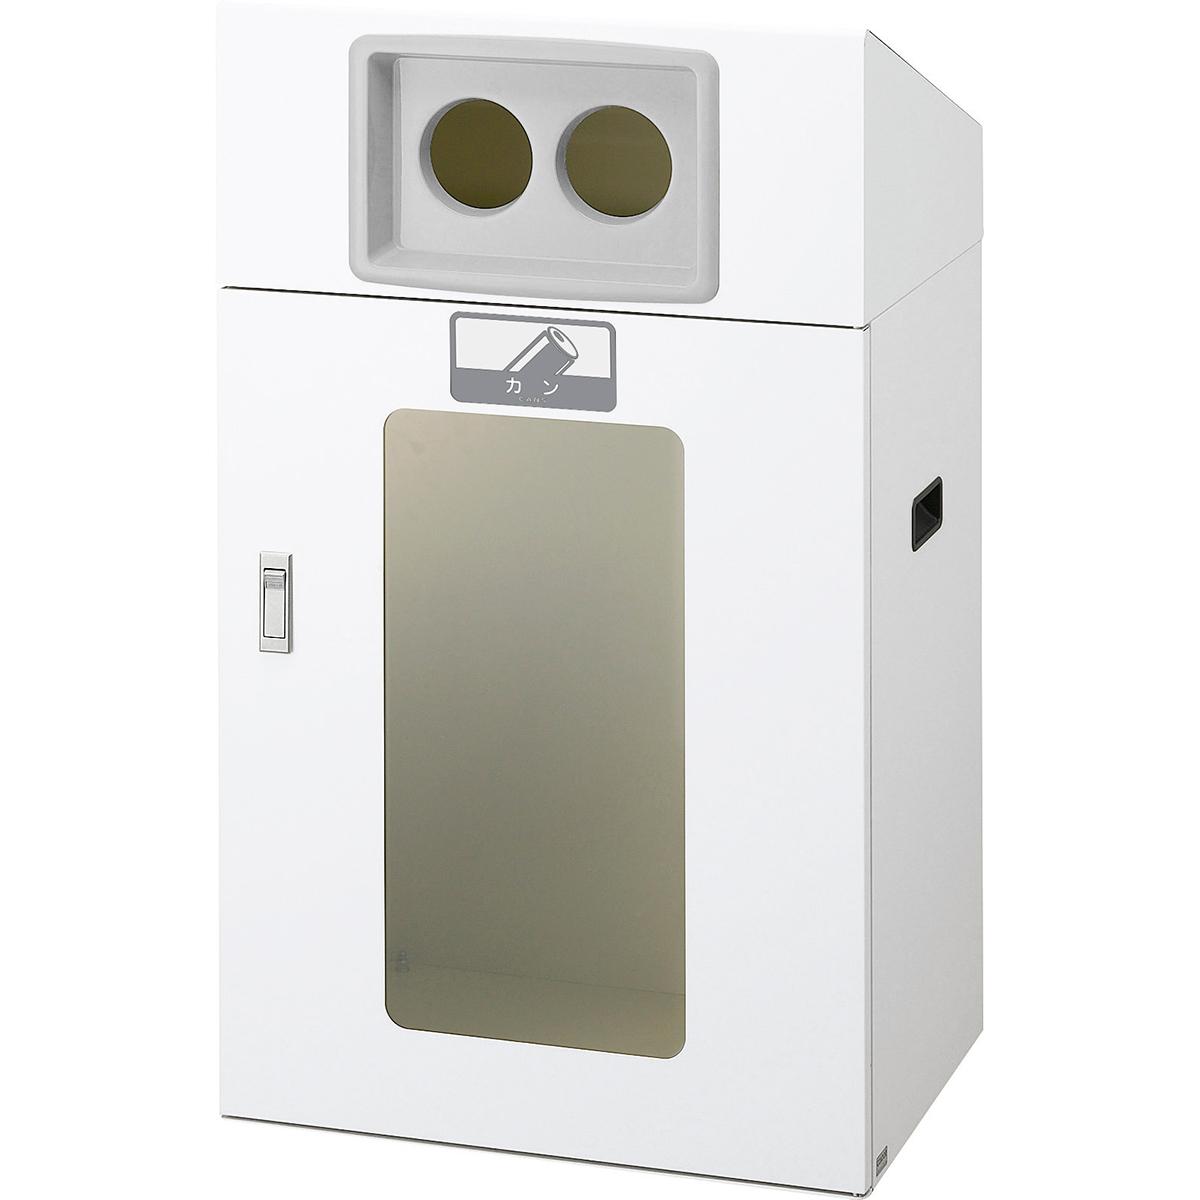 山崎産業 リサイクルボックス YOS-90 120L あき缶/GR(灰) (代引不可) YW-355L-ID